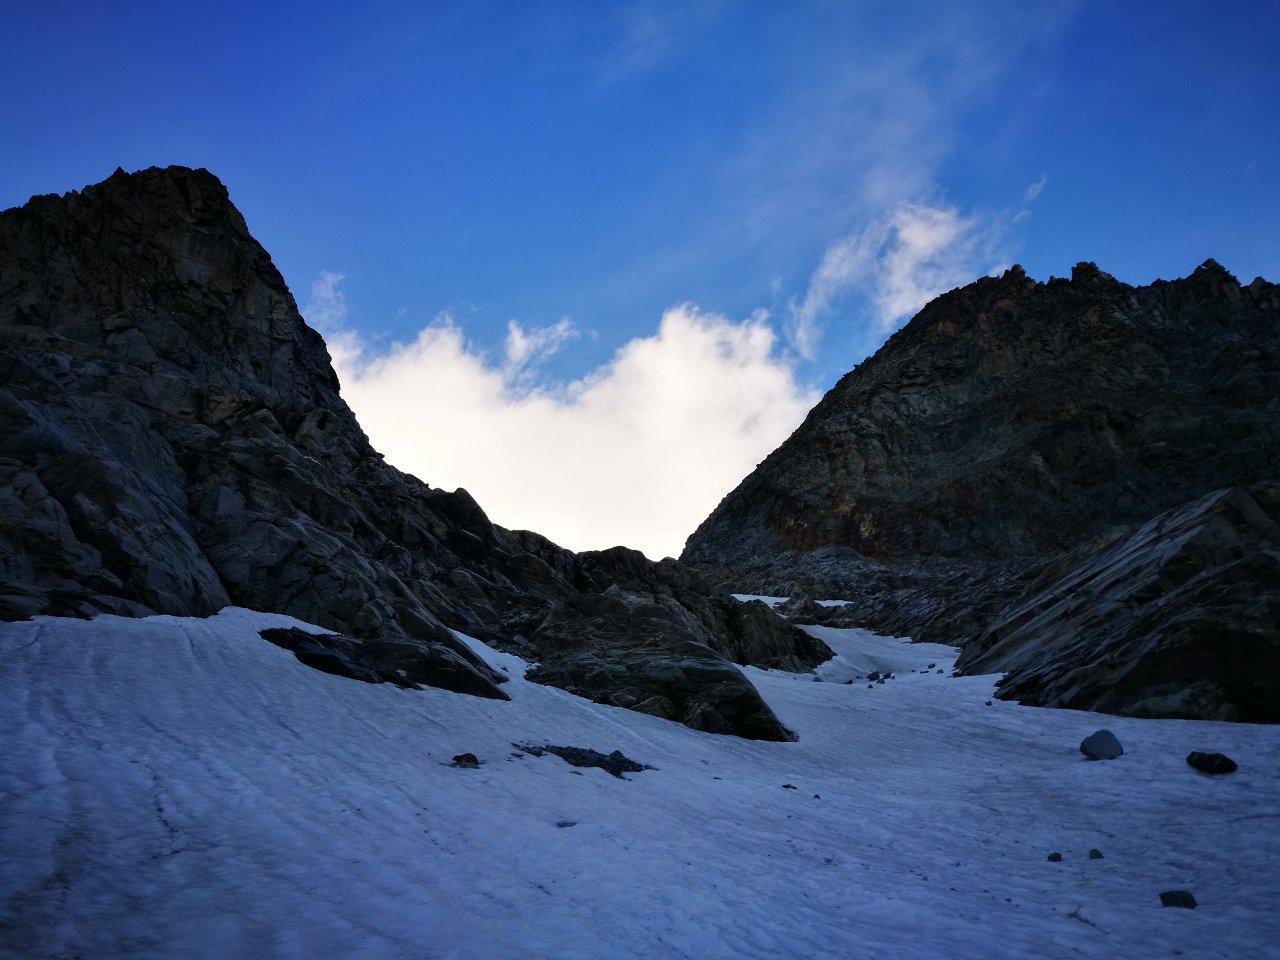 06 - accesso su nevai nel vallone del ghiacciaio di Gay